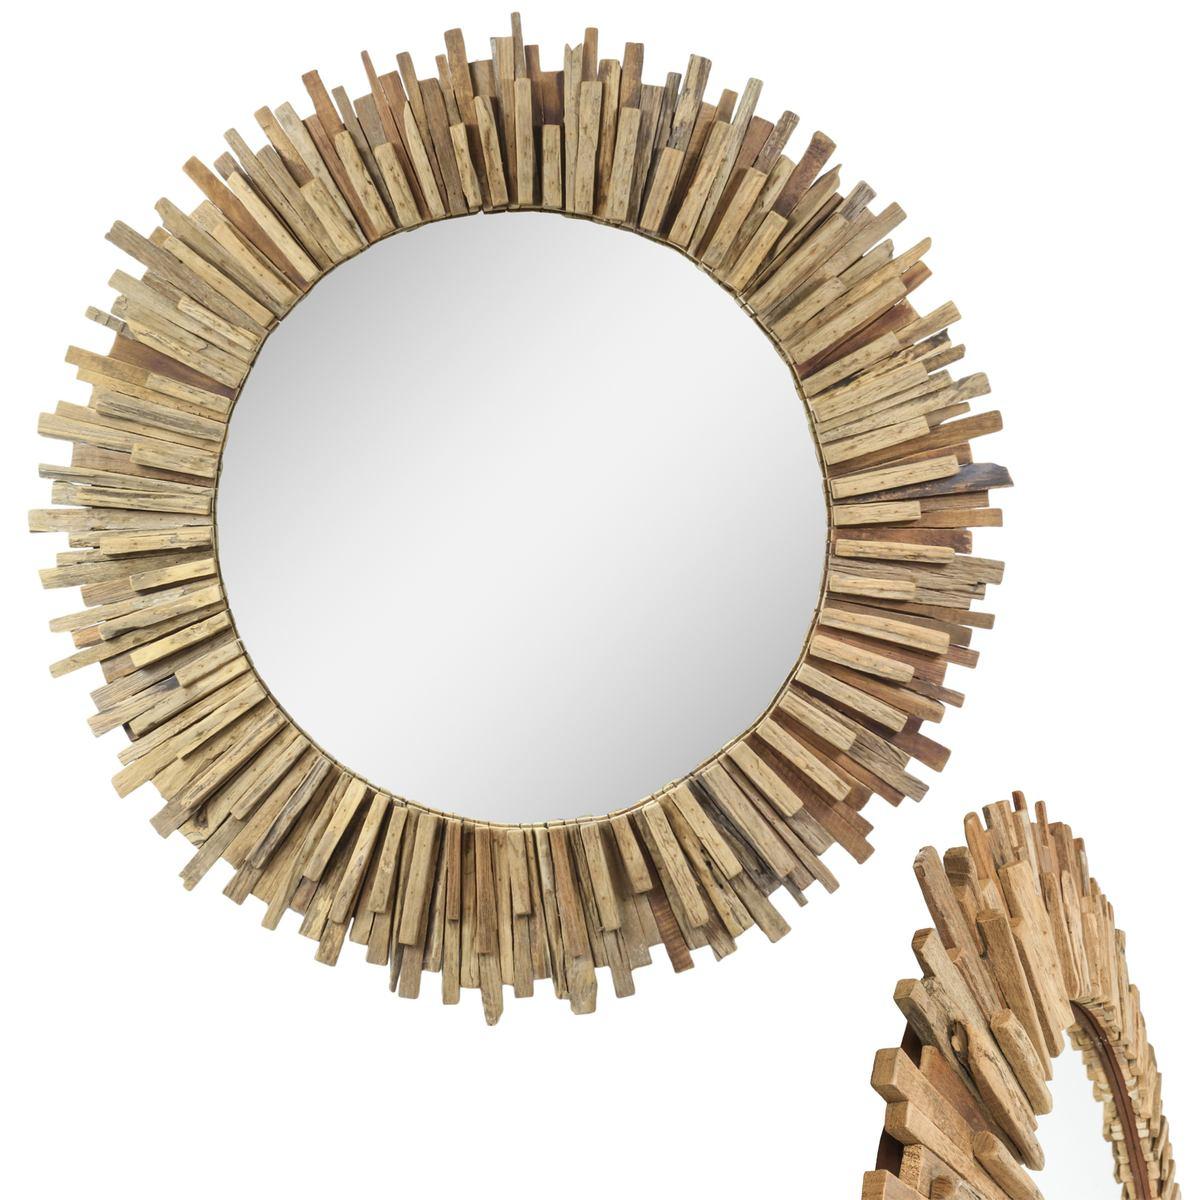 gro er spiegel mit rahmen aus holzst cken massiv. Black Bedroom Furniture Sets. Home Design Ideas